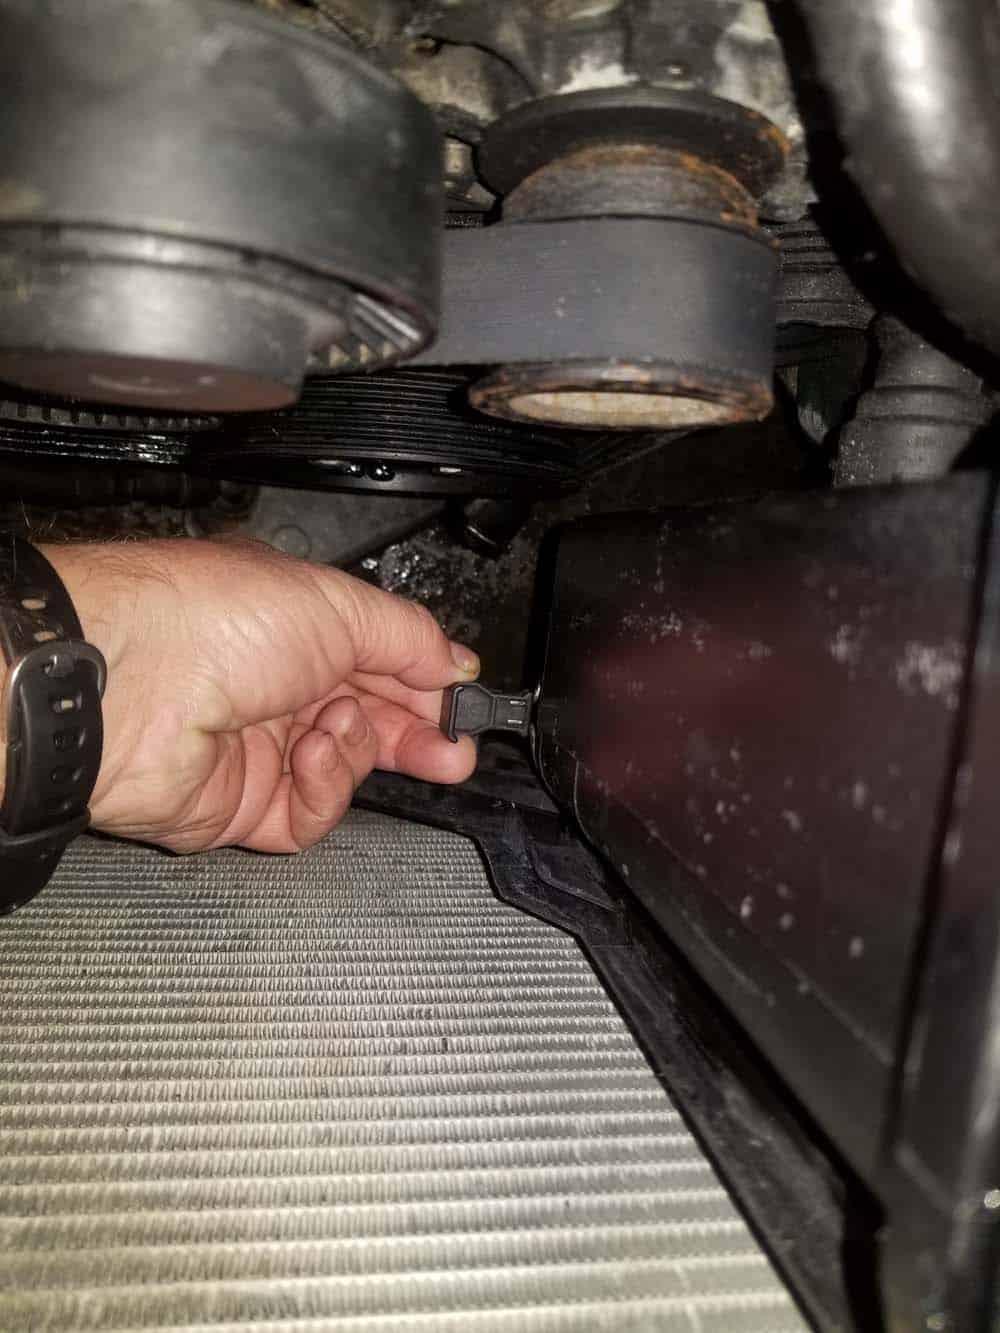 bmw e46 radiator - expansion tank locking clamp